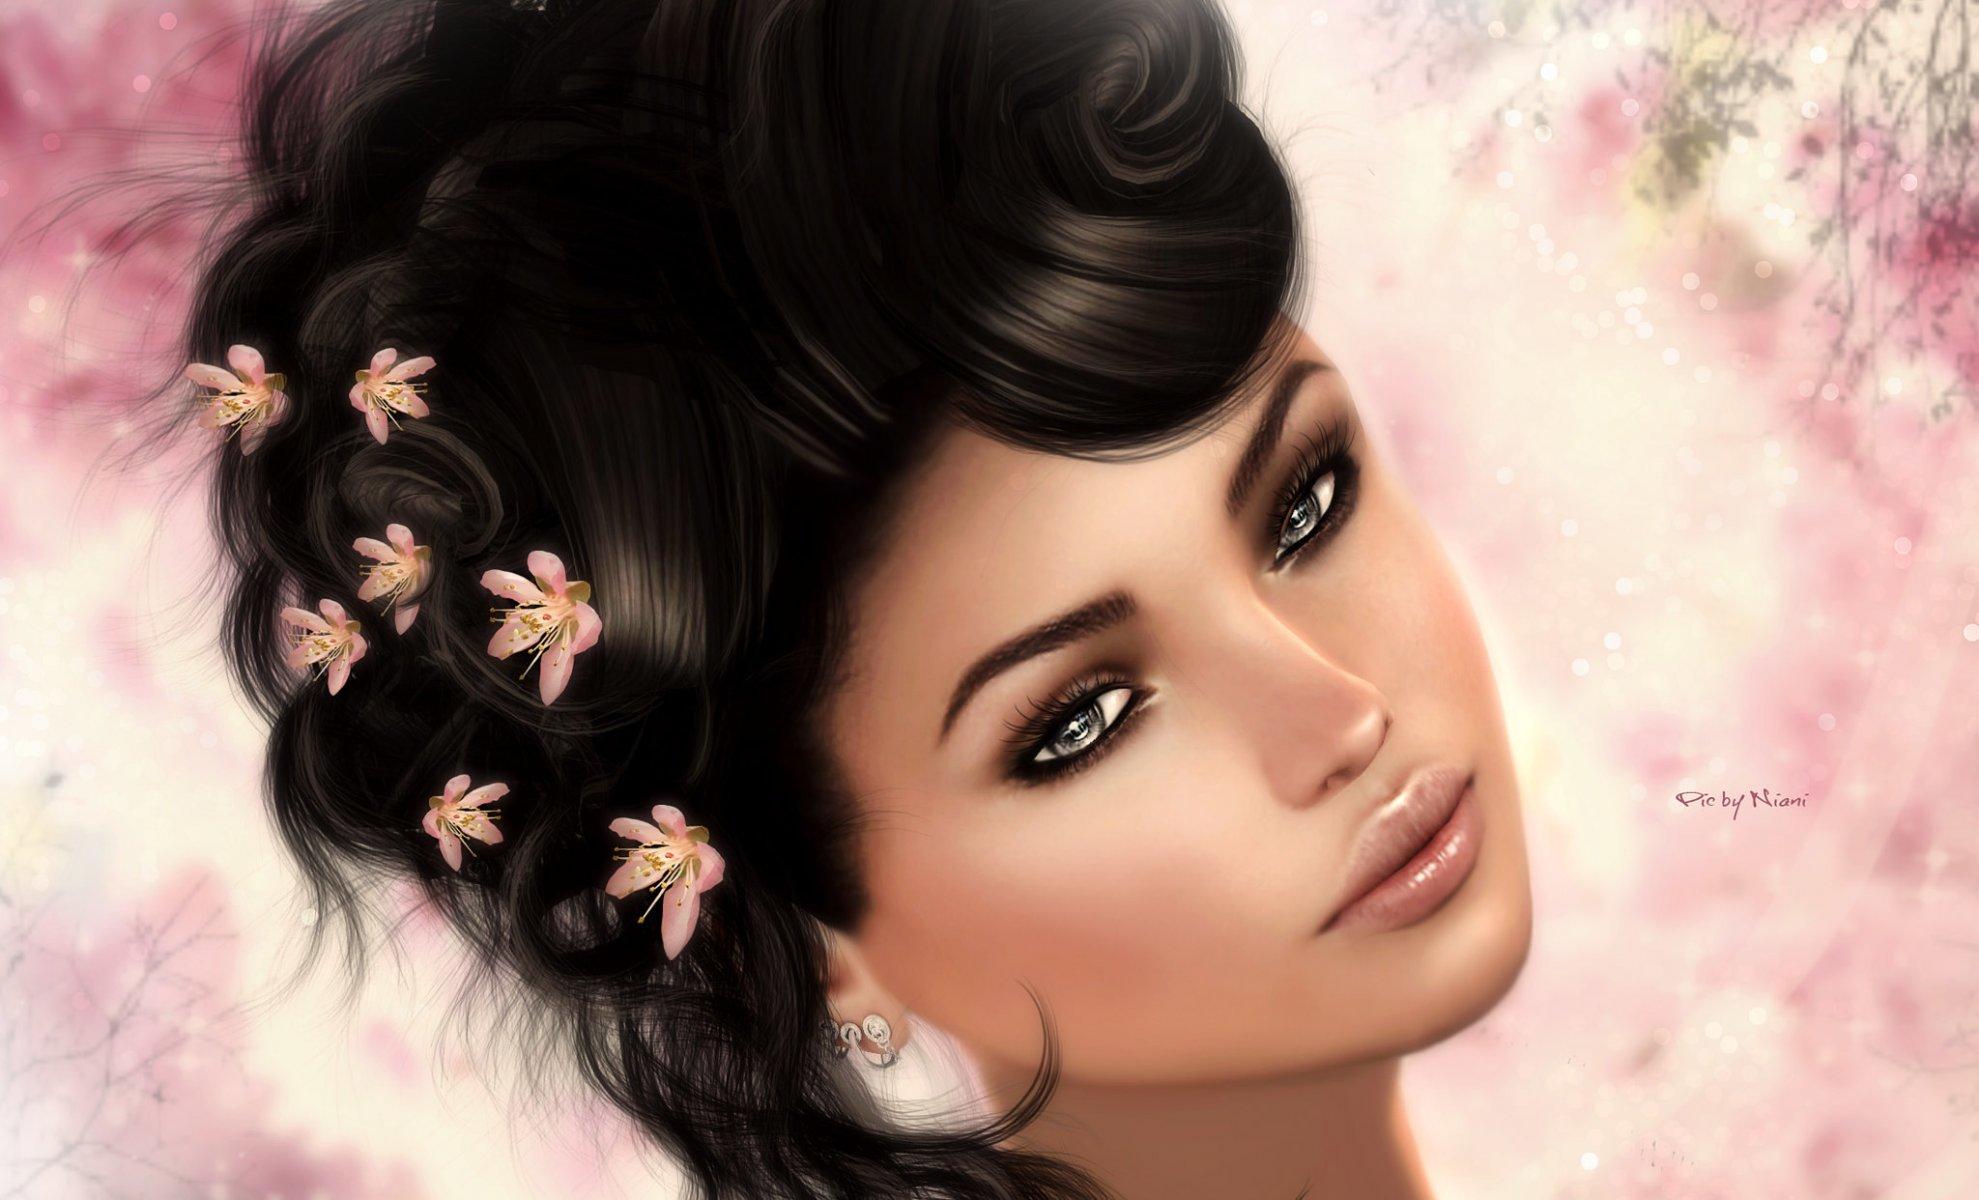 Рисованные картинки женщин на аватарку, жду отпуска прикольные